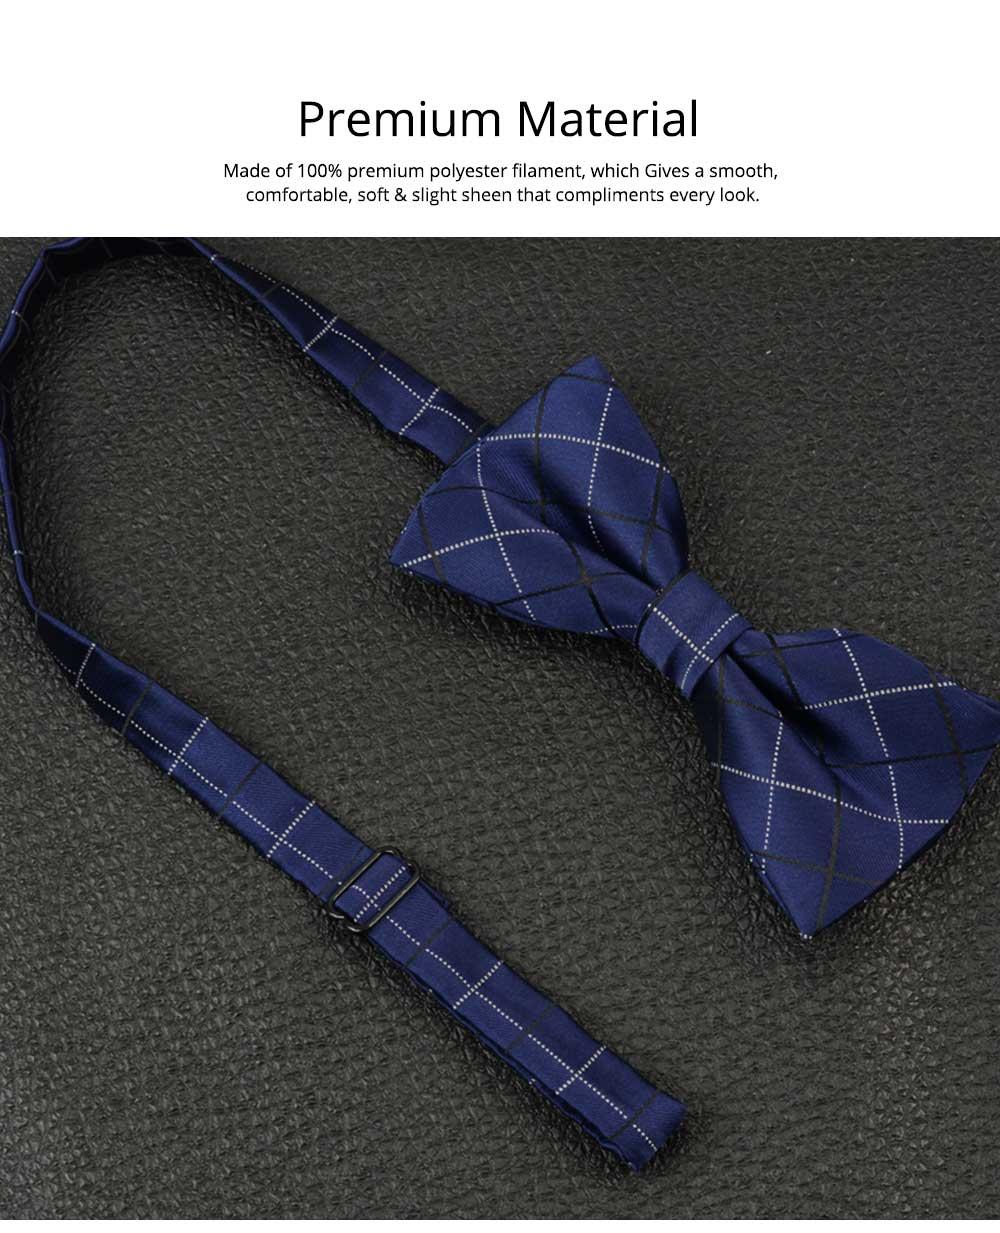 Men's Self Tie Bow Ties, Unique Grid Pattern Bow Ties, Various Styles for Groomsman Gets Married 2